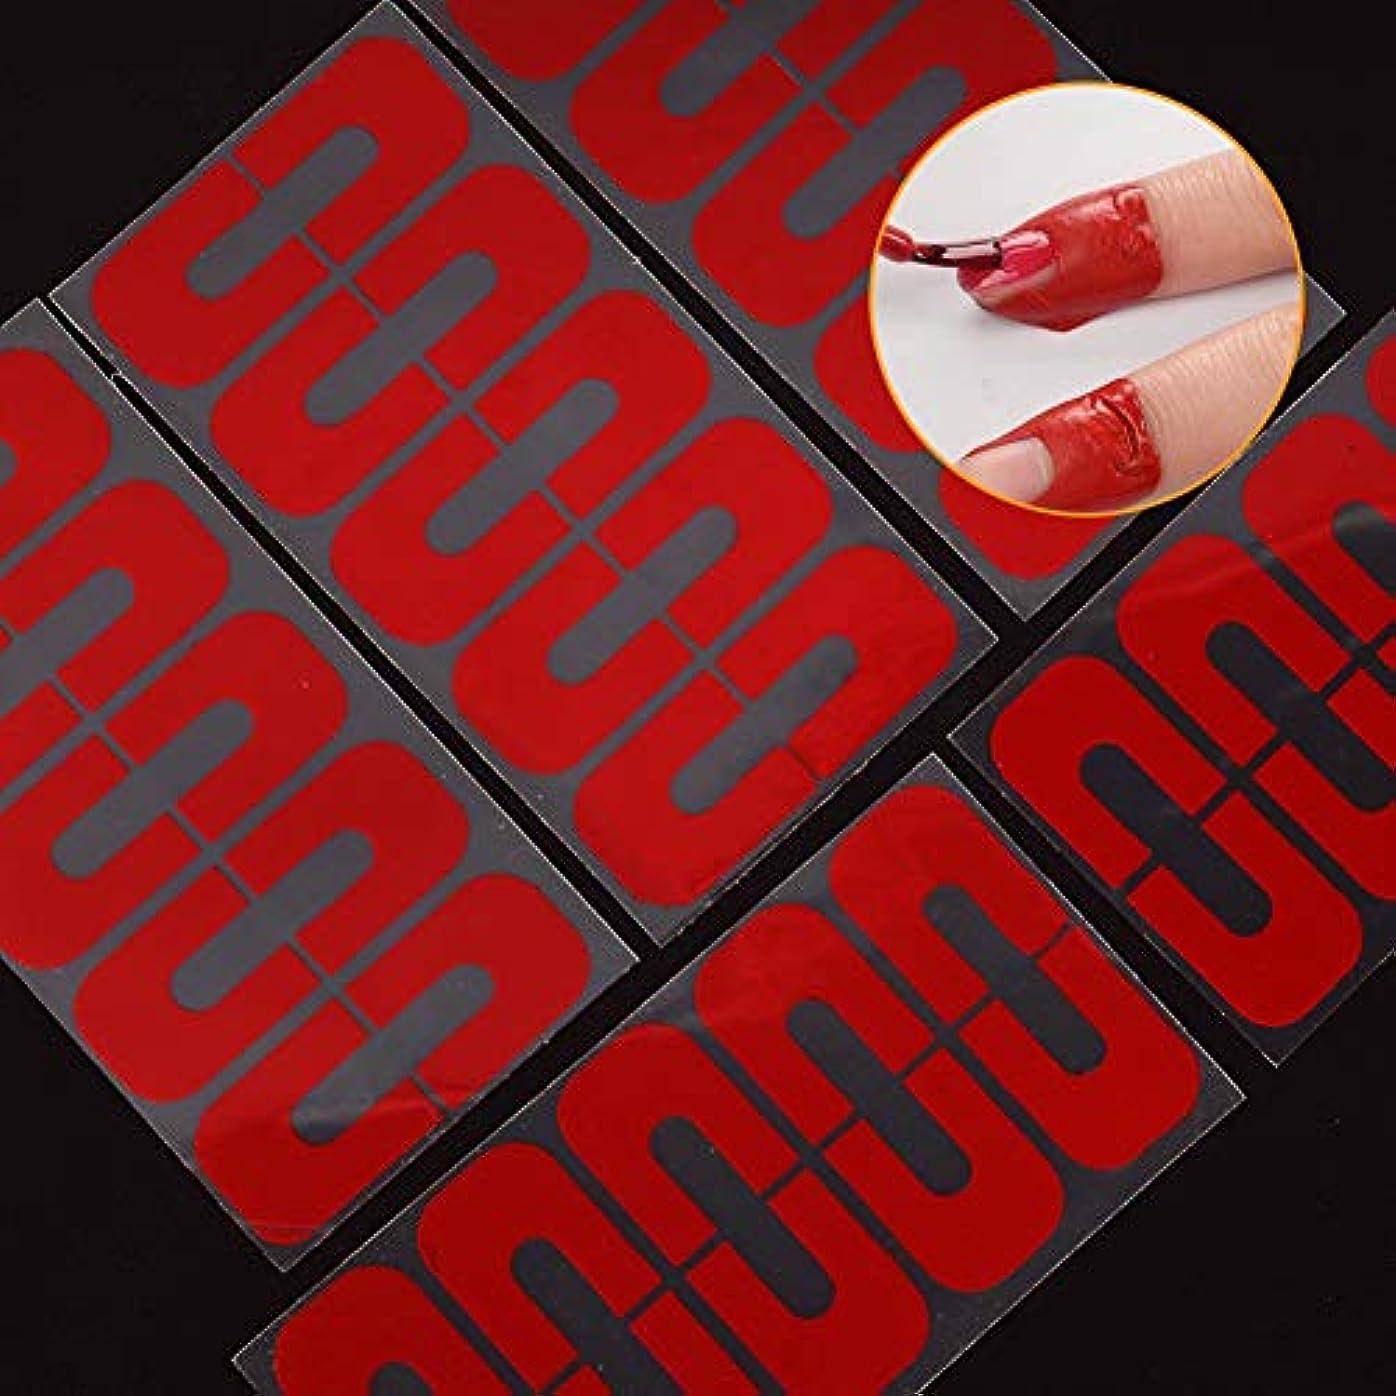 曇った名目上の摩擦hamulekfae-50個使い捨てU字型こぼれ防止ネイルプロテクター弾性指カバーステッカー - 赤50個Red50pcs